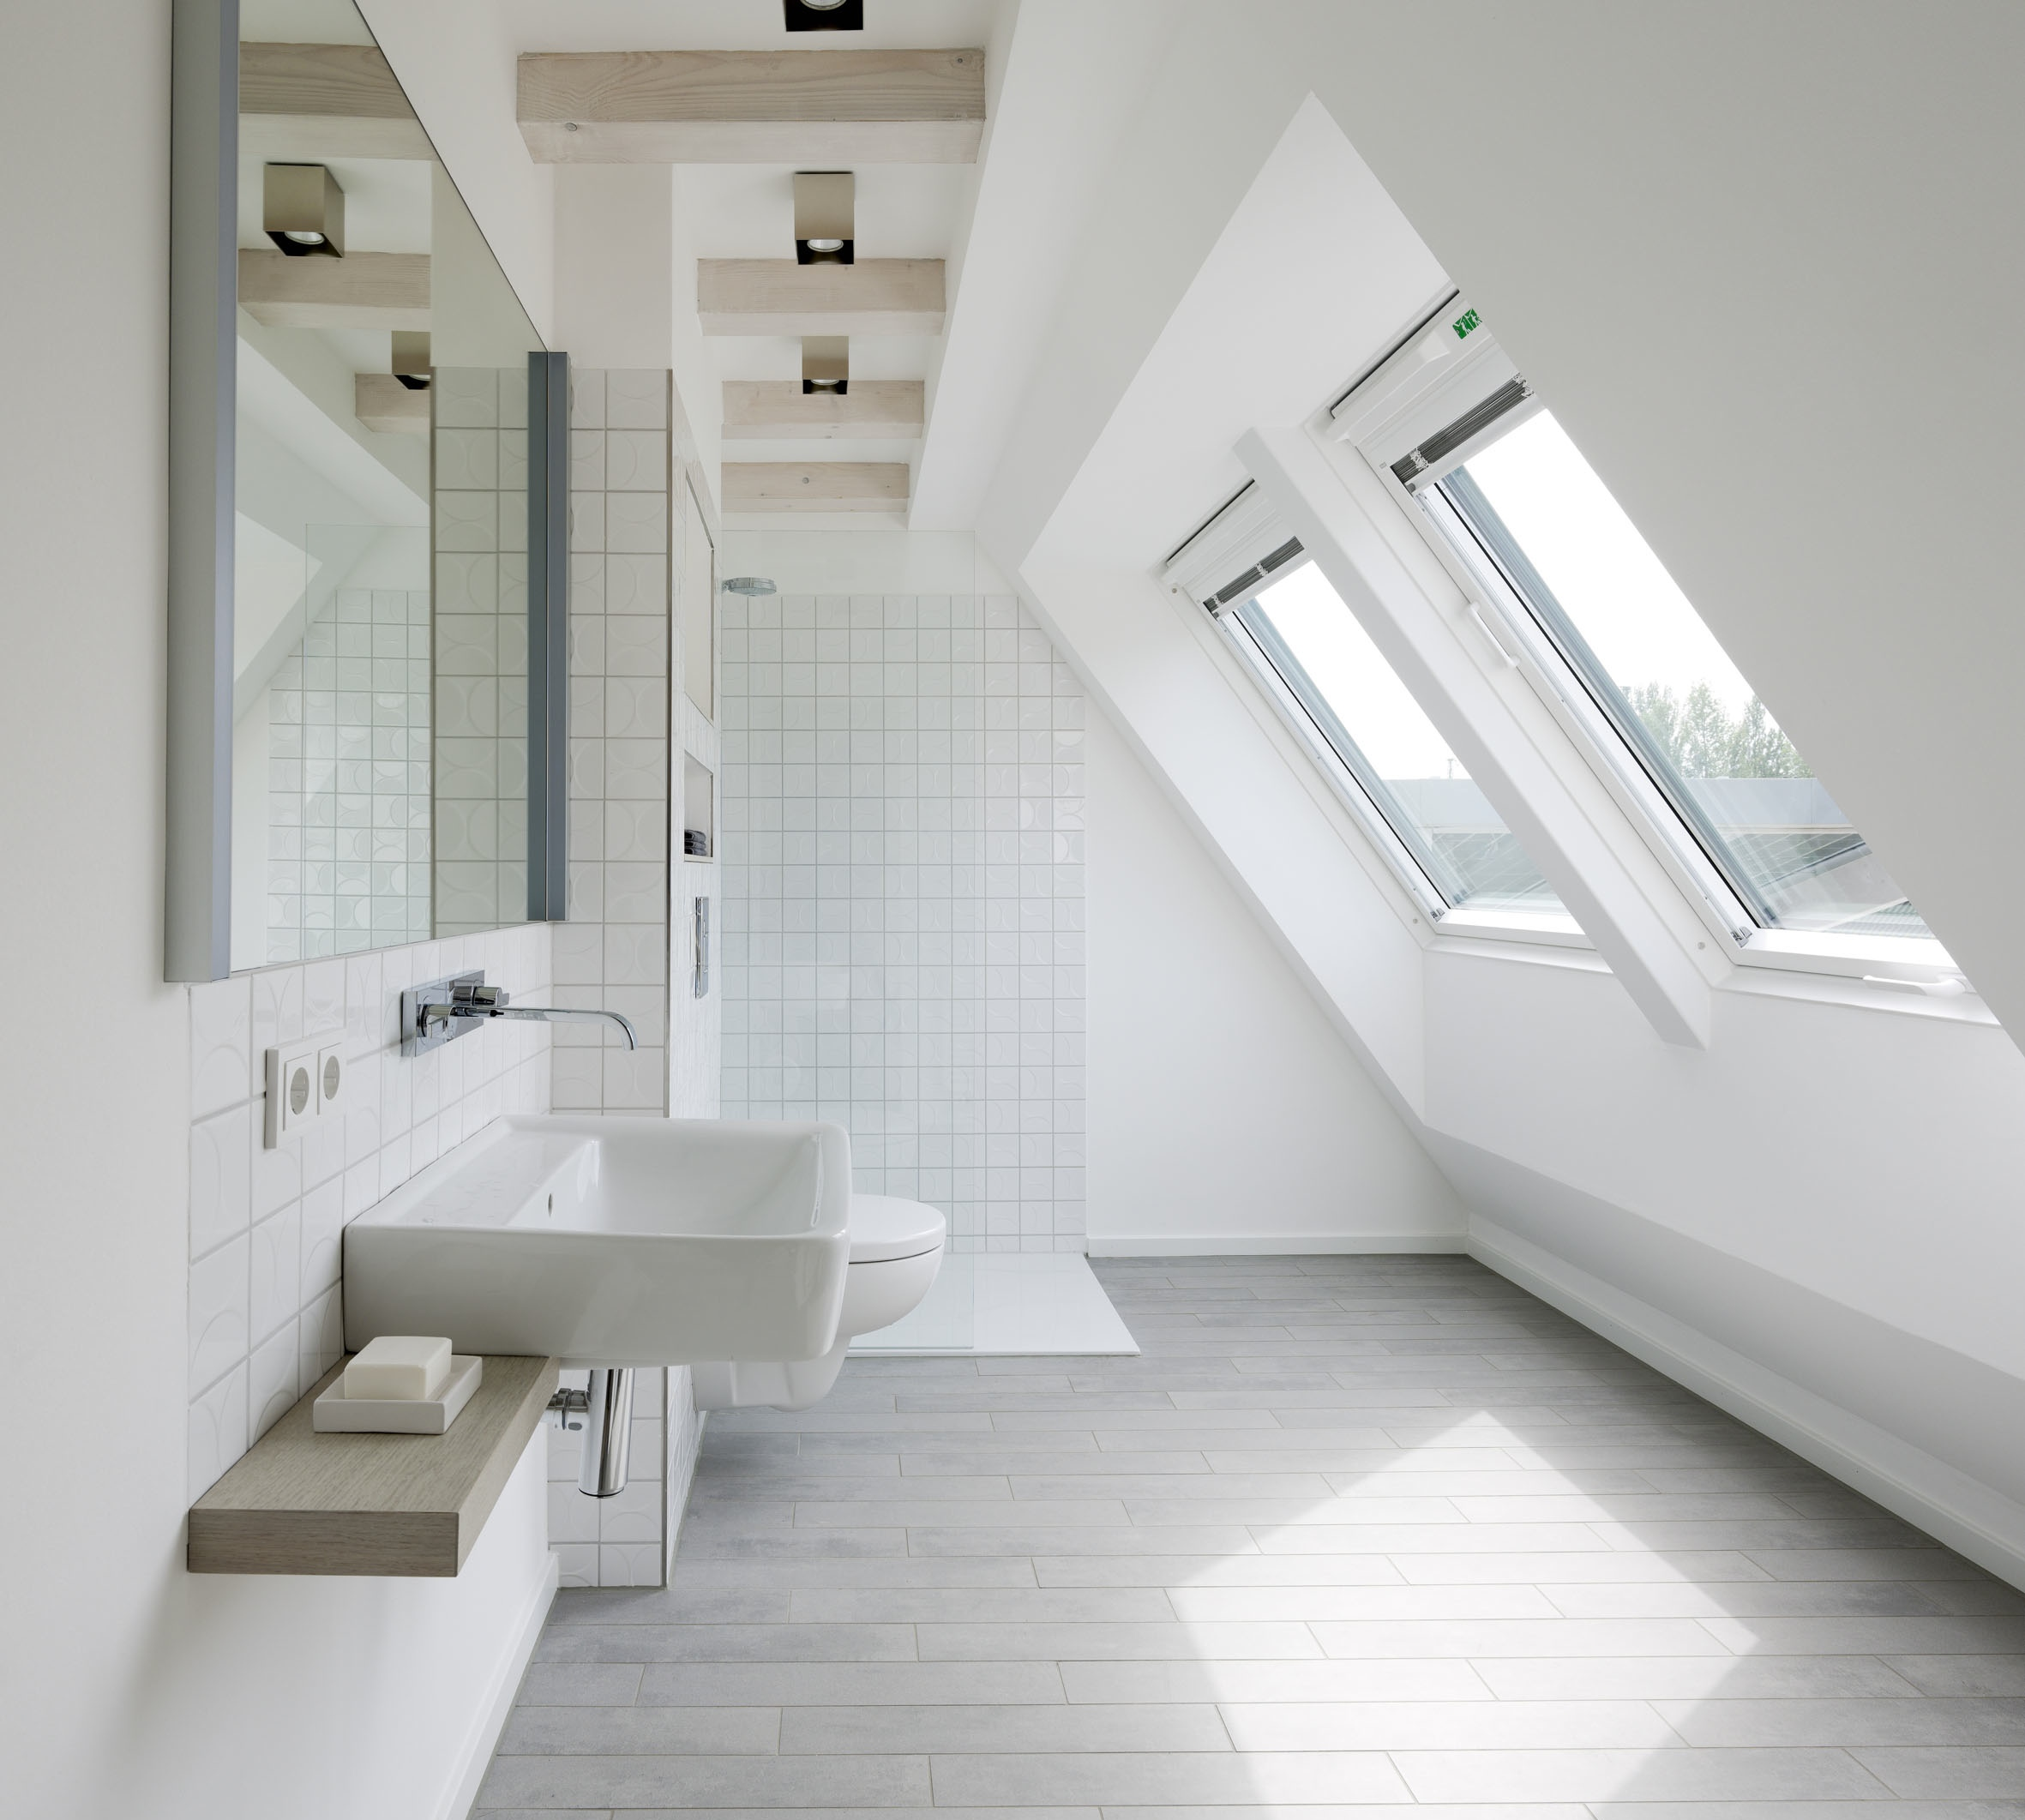 Salle de bains sous les combles un espace de bien tre - Amenagement salle de bain combles ...